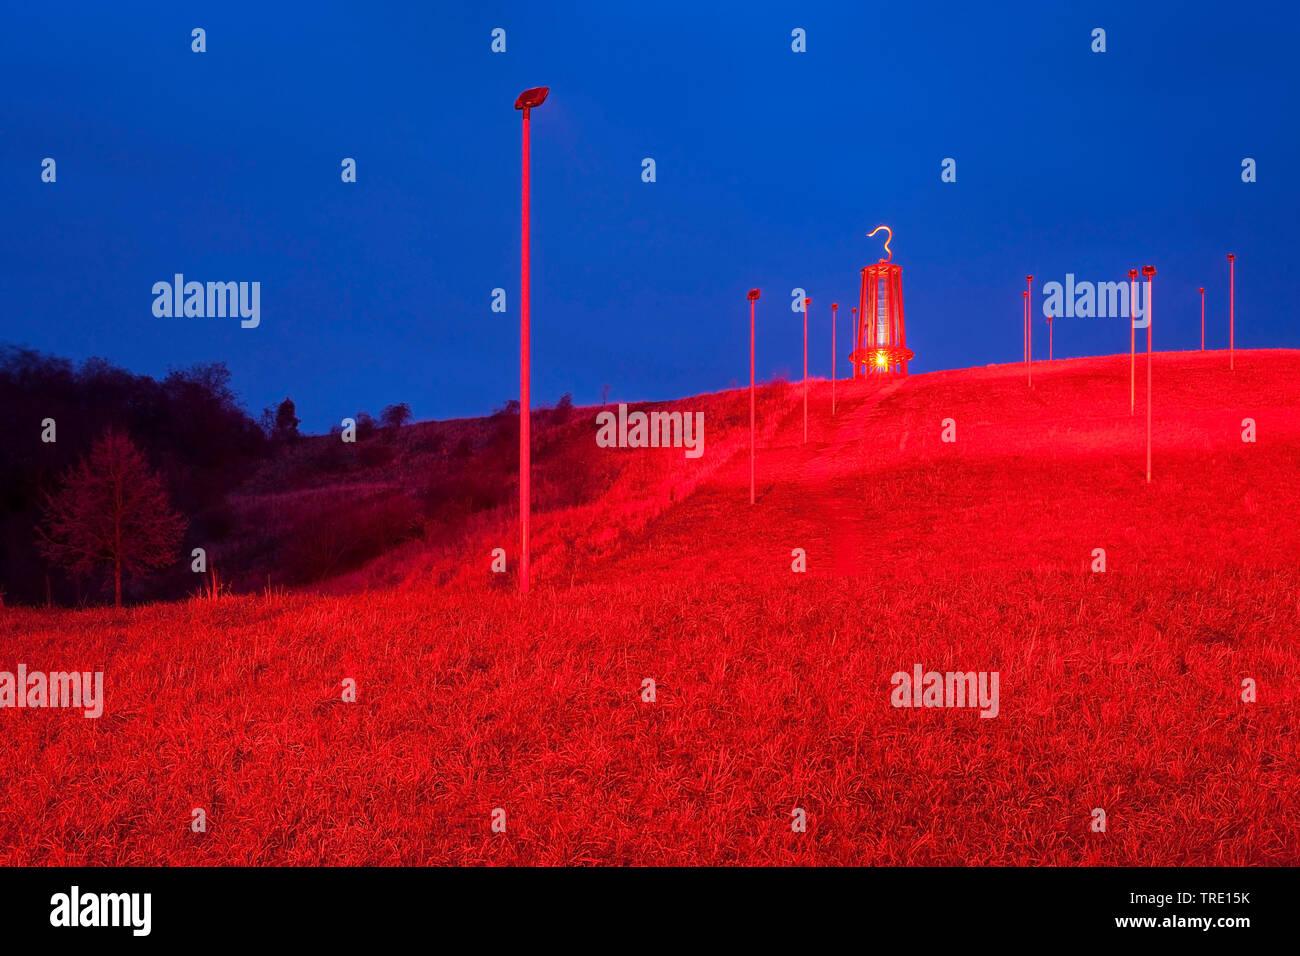 Halde Rheinpreussen am Abend mit dem Kunstwerk Geleucht, Deutschland, Nordrhein-Westfalen, Moers   Geleucht, sculpture of miners lamp on spoil tip Rhe - Stock Image